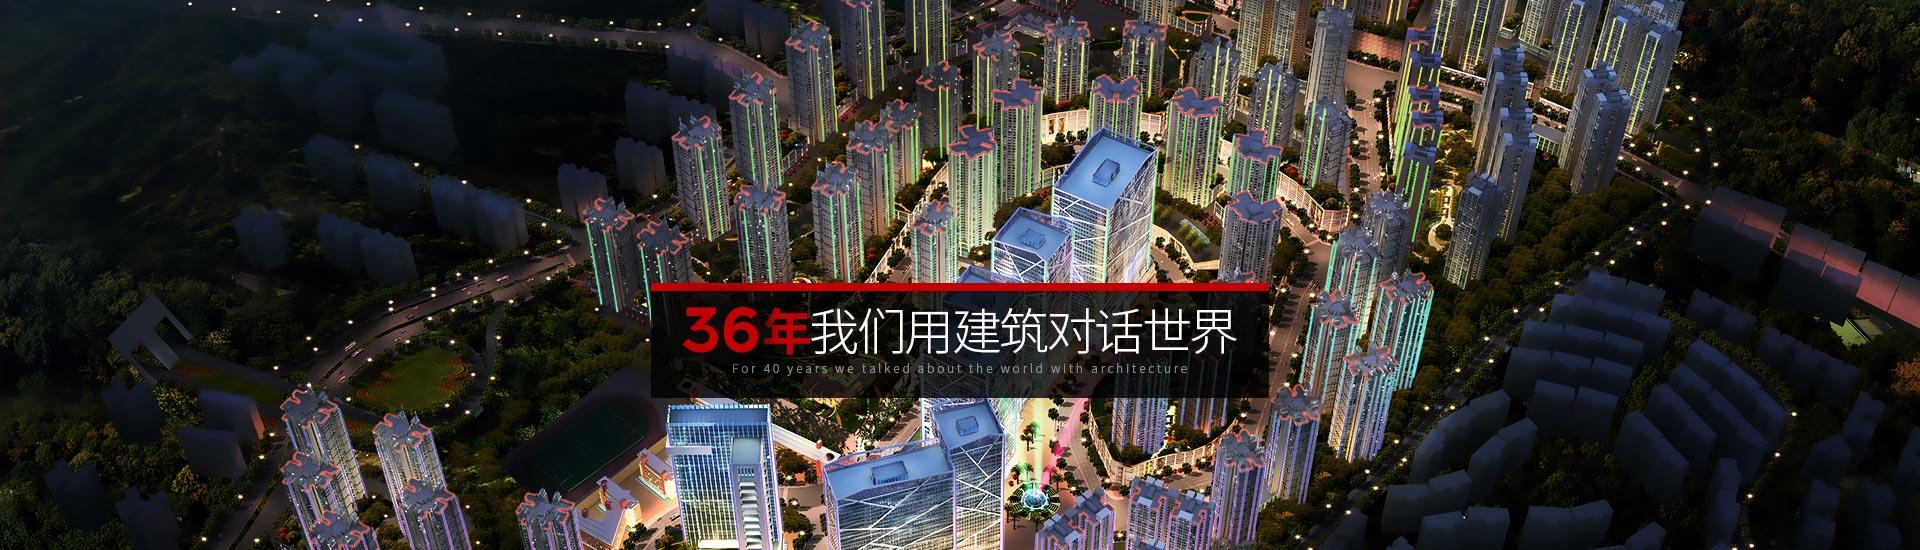 市建院-36年 我们用建筑对话世界